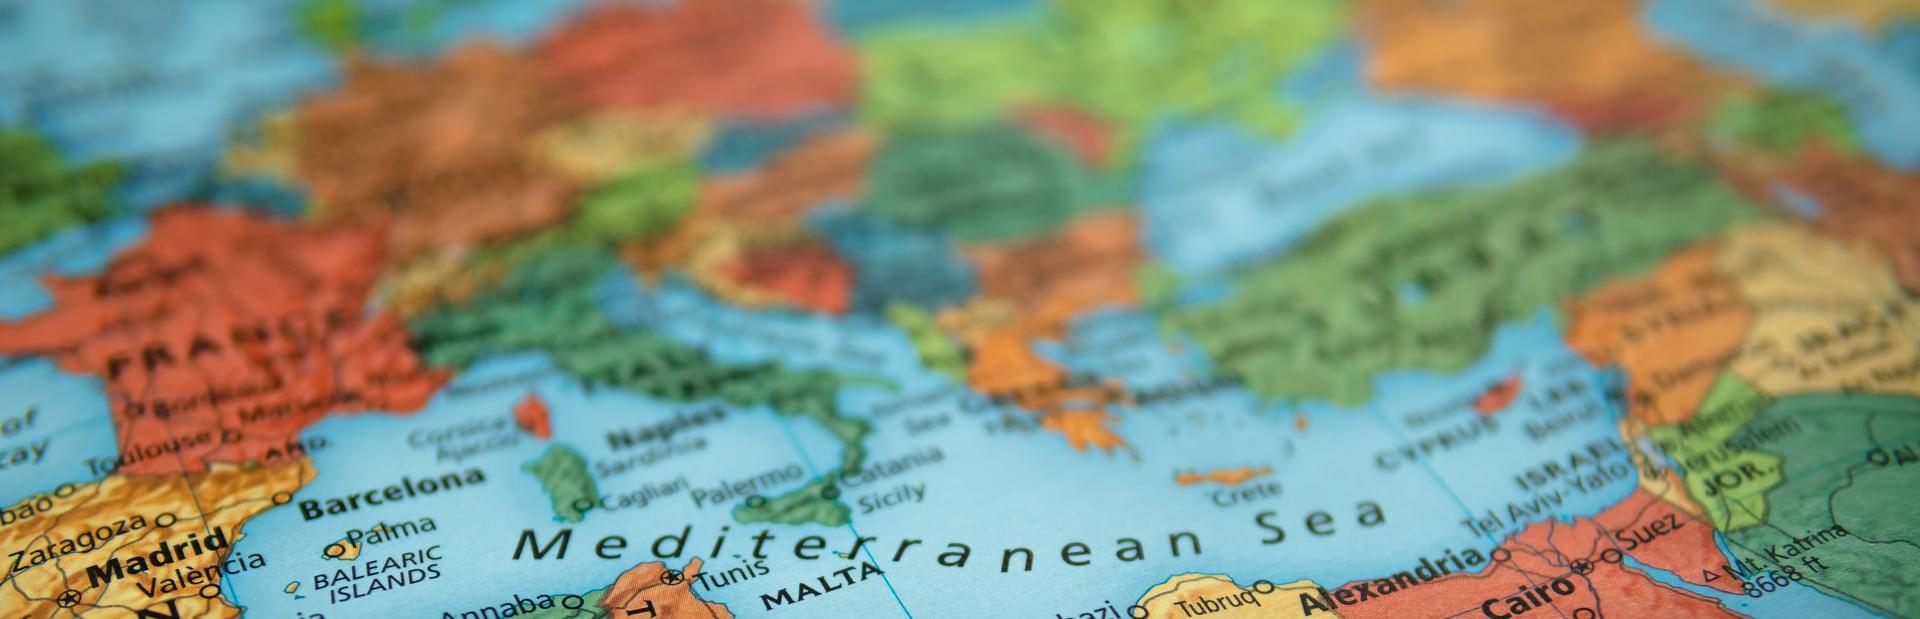 Mediterranean interactive map